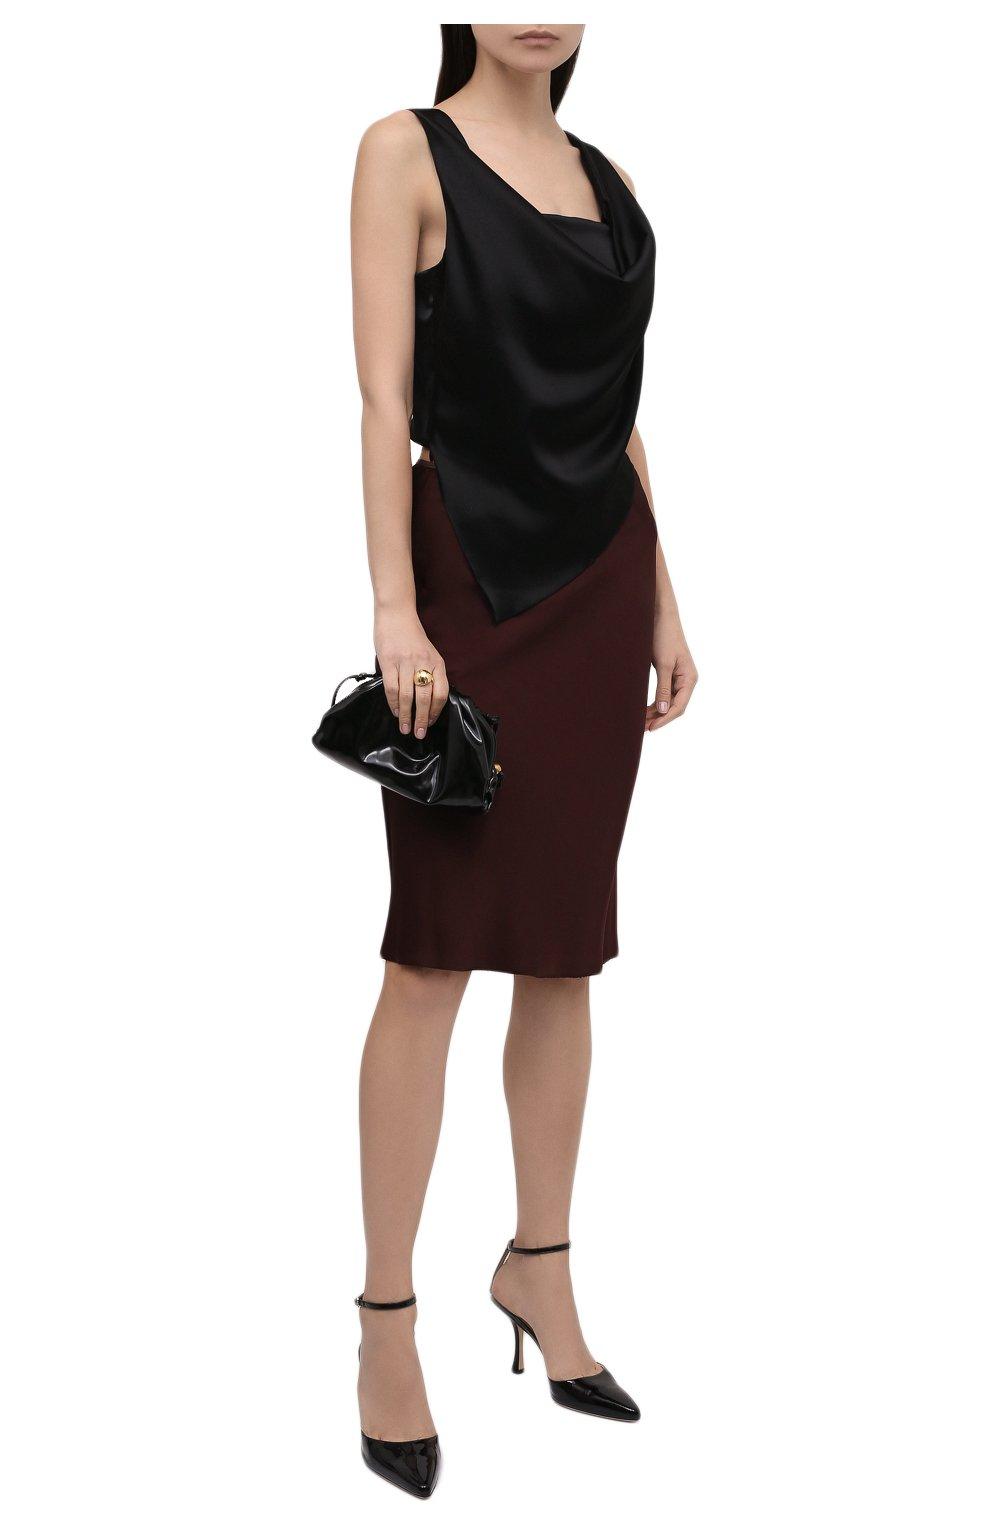 Женские кожаные туфли mair 90 JIMMY CHOO черного цвета, арт. MAIR 90/GHE | Фото 2 (Каблук высота: Высокий; Материал внутренний: Натуральная кожа; Каблук тип: Шпилька; Подошва: Плоская)